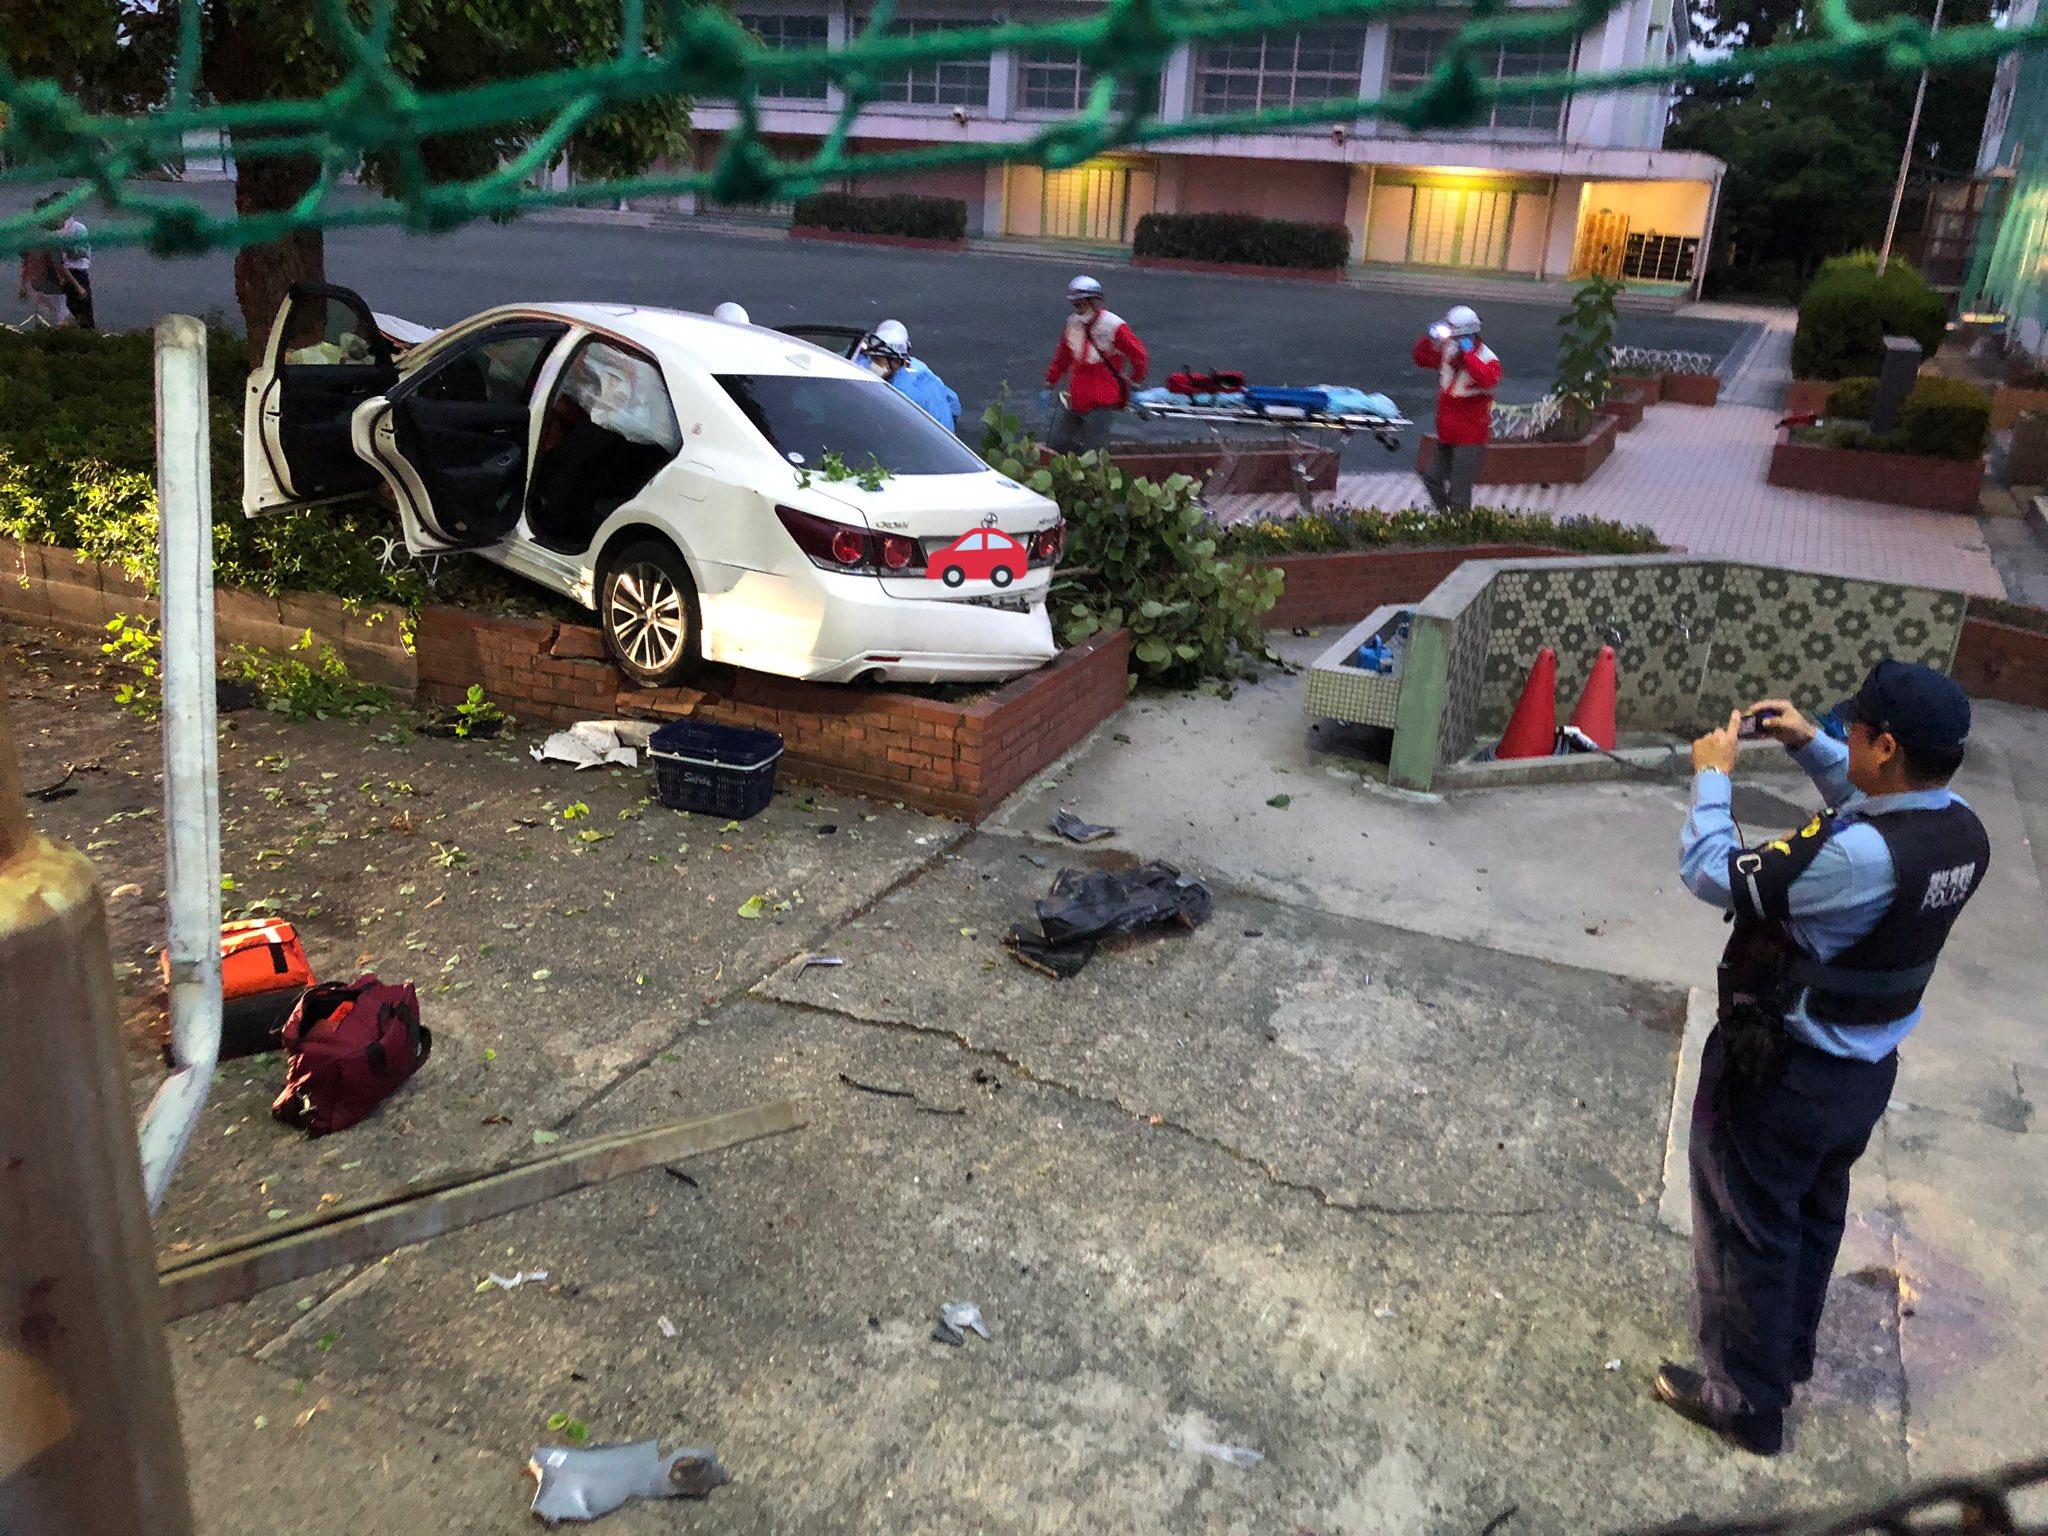 伊勝小学校にクラウンが突っ込んだ事故現場の画像